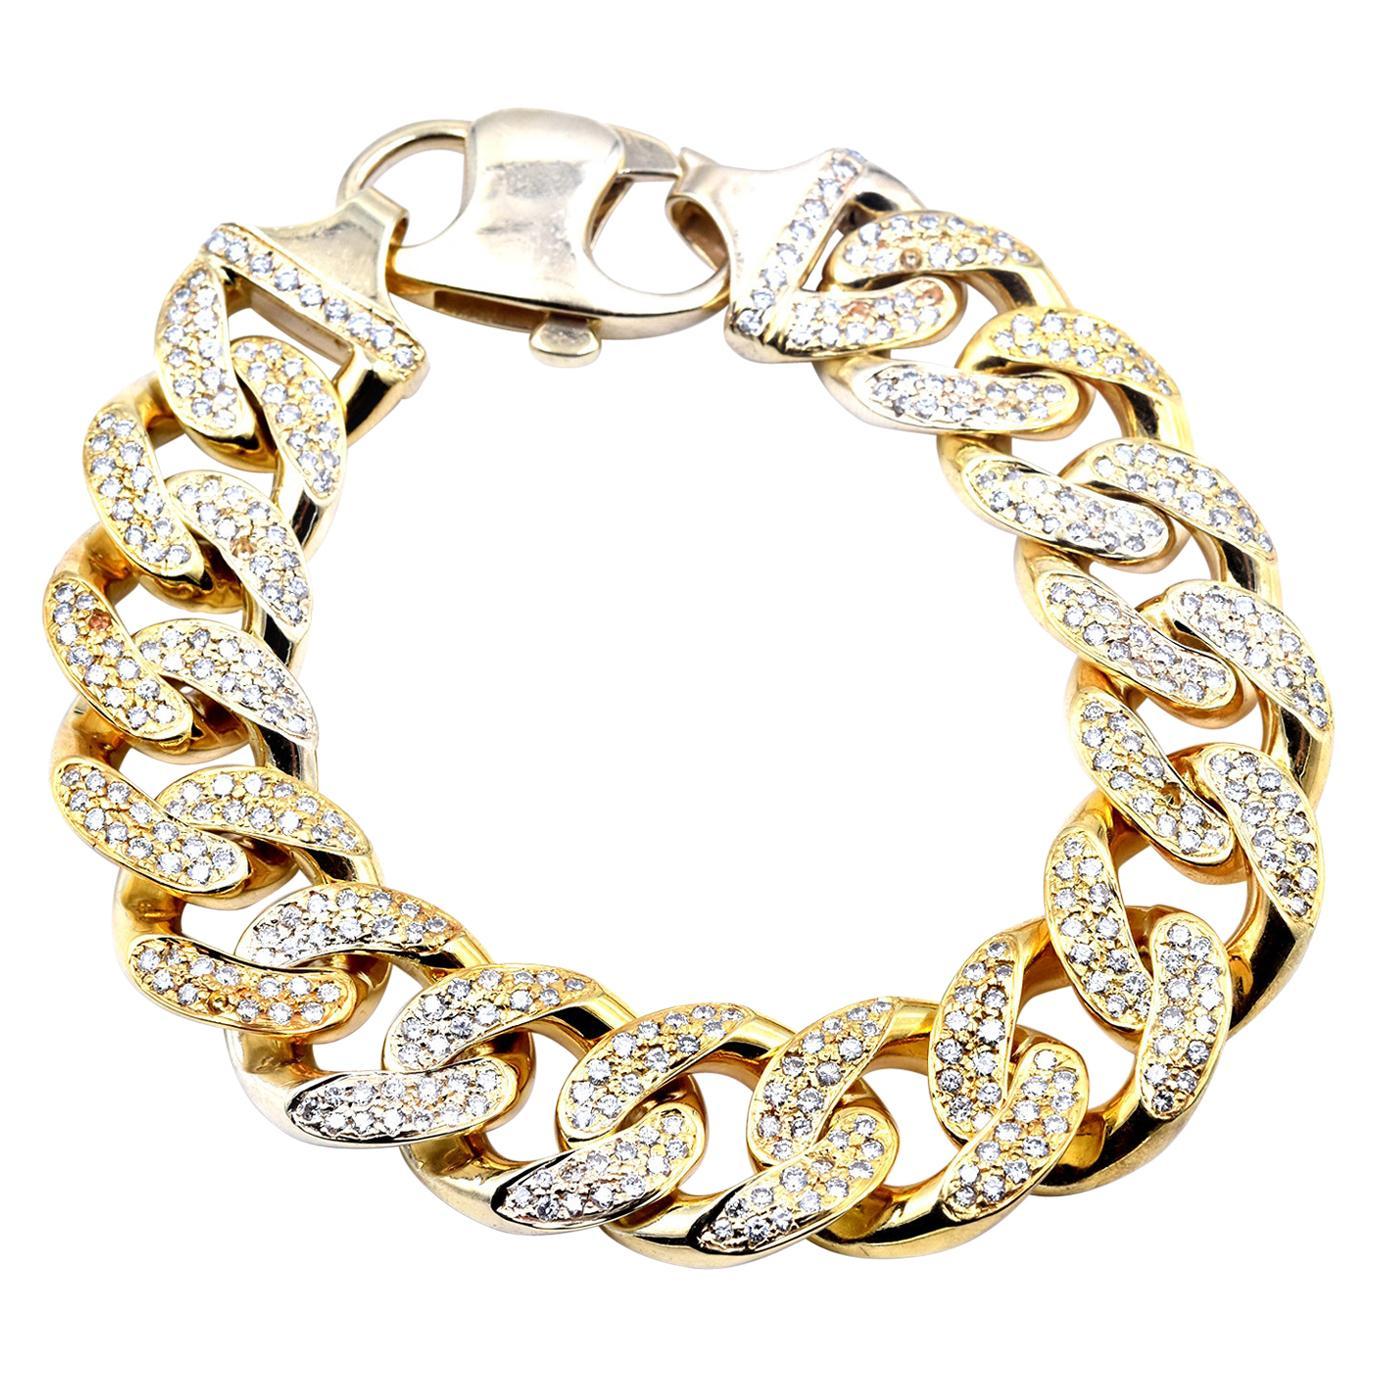 14 Karat Yellow Gold 9.80 Carat Diamond Cuban Link Bracelet